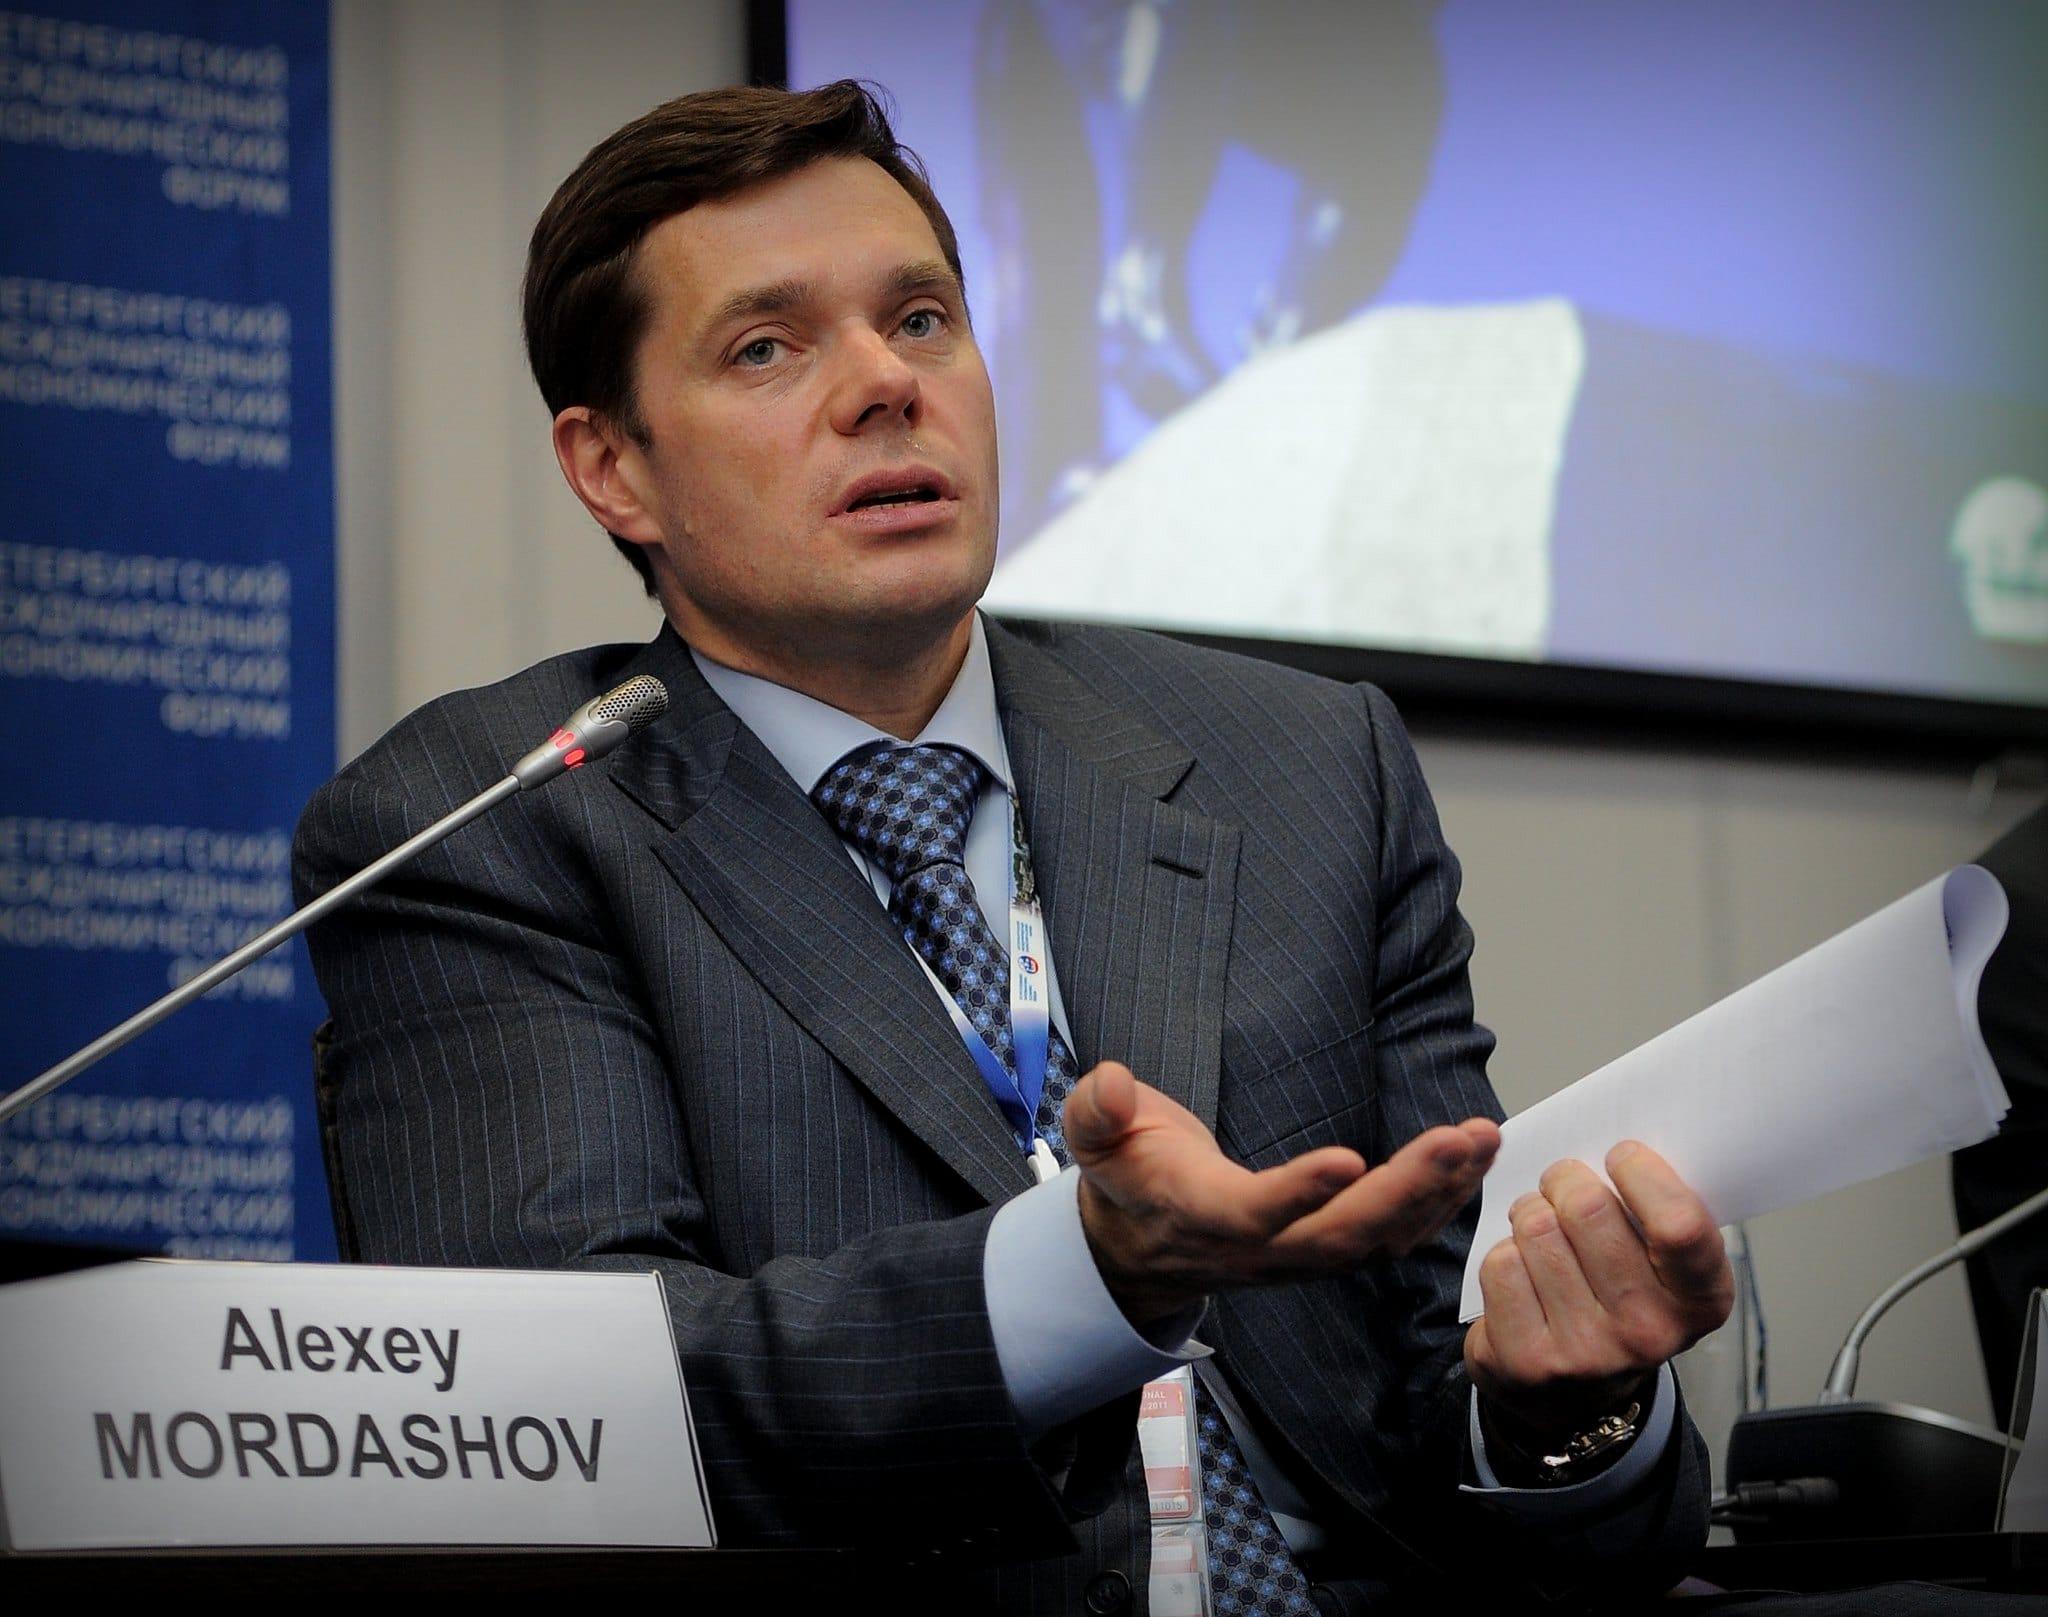 Частные клиники миллиардера Мордашова получат деньги на лечение онкологических заболеваний по ОМС